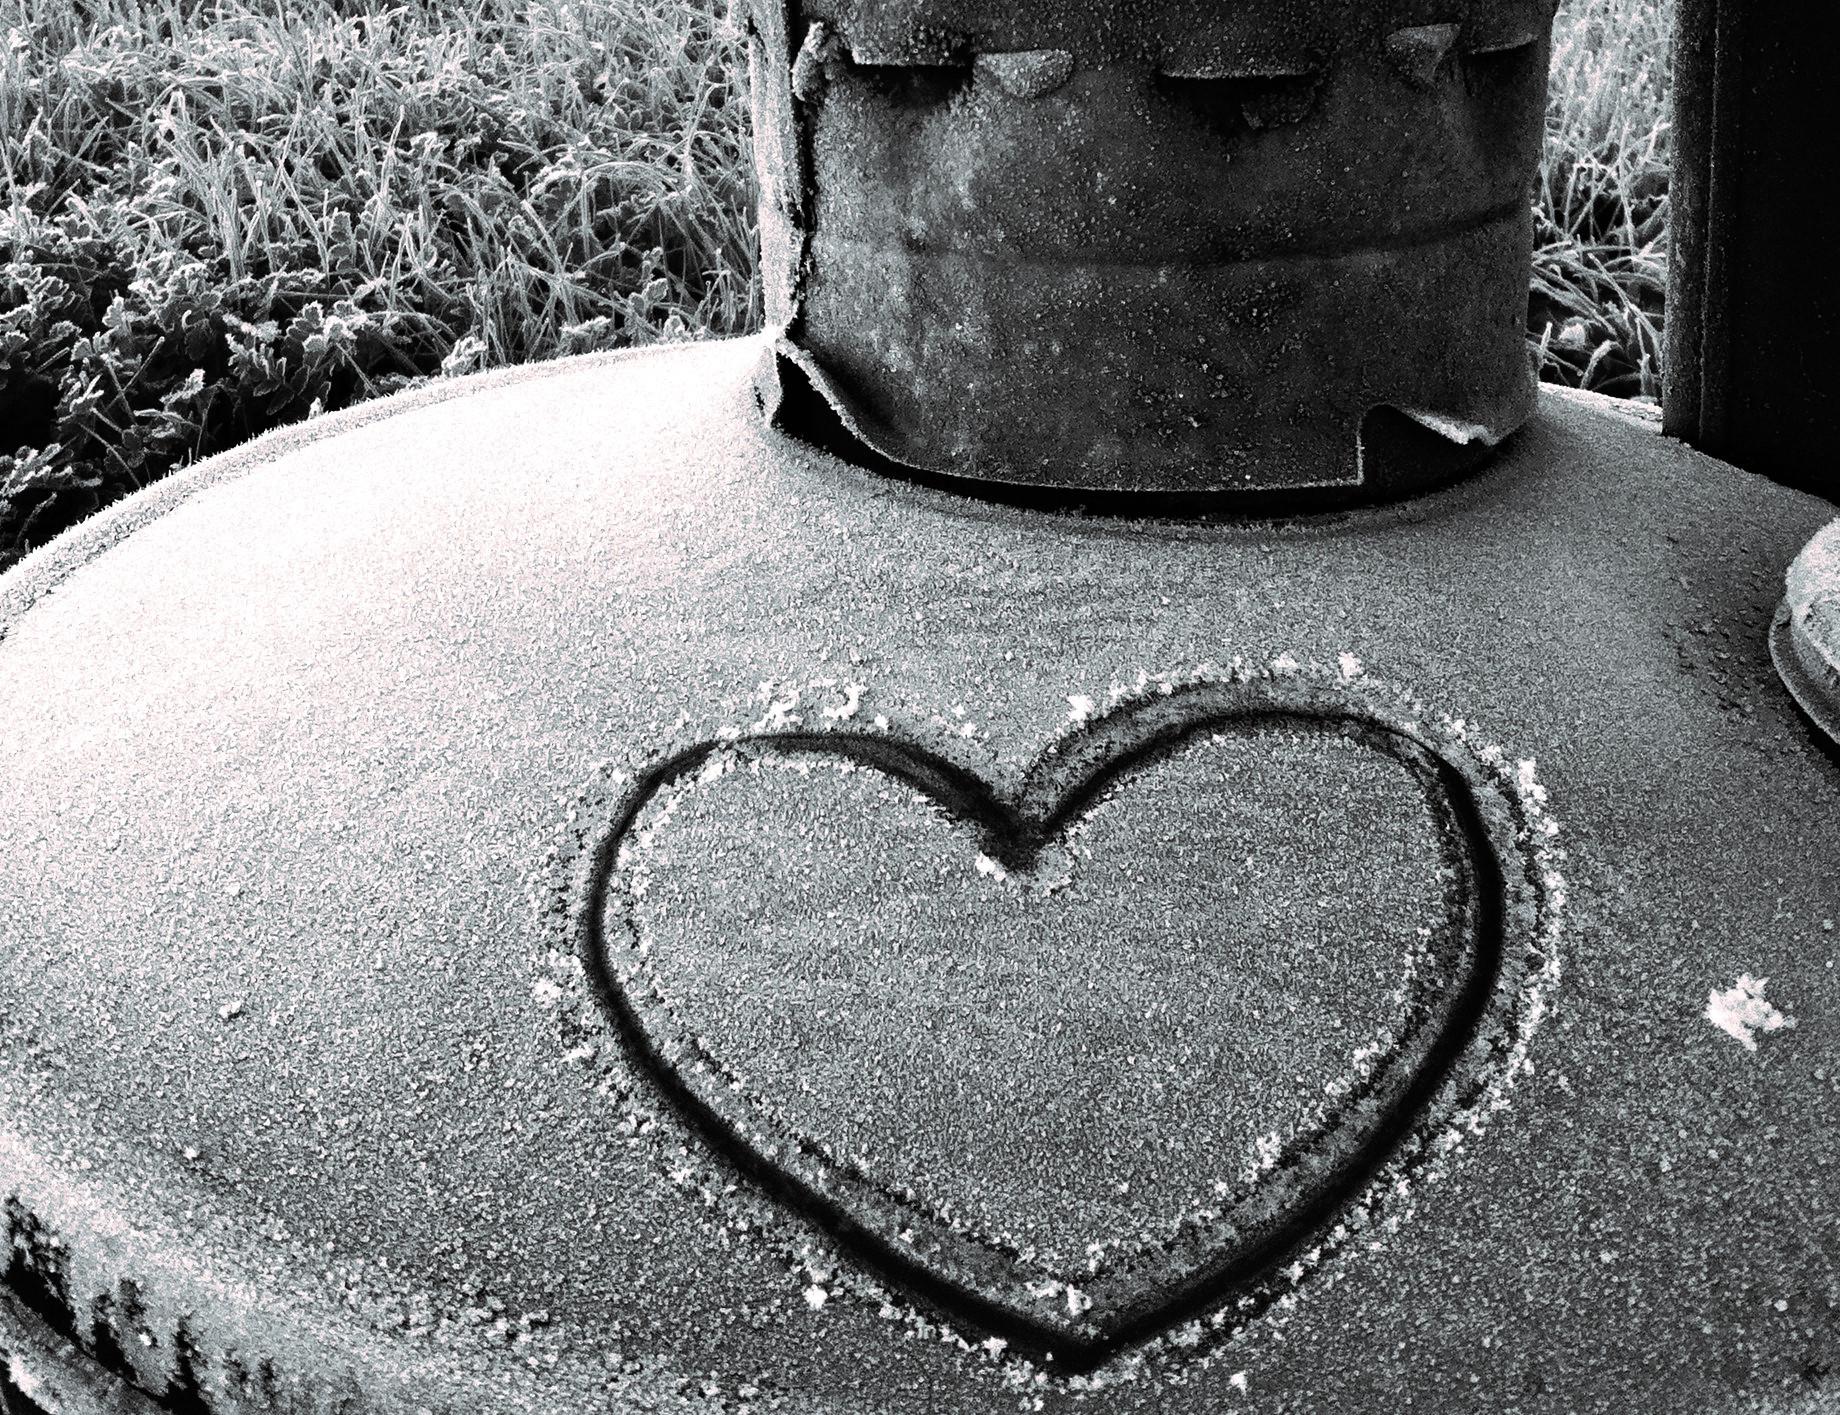 2010_12_31 Frosty Heart (2).jpg